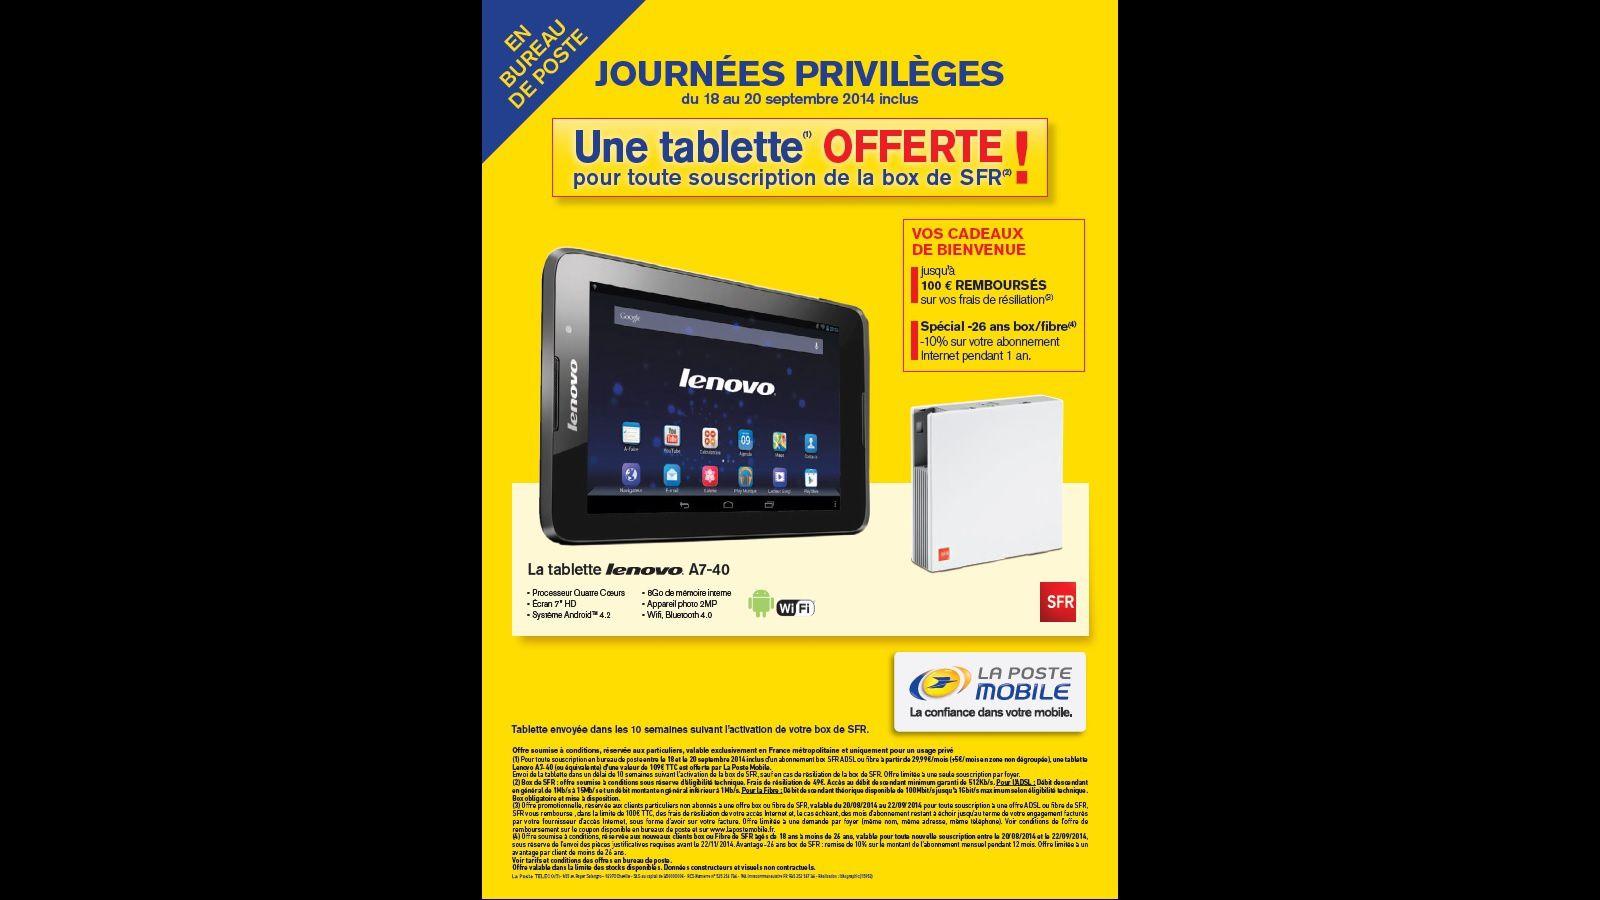 tablette lenovo gratuite pour l 39 achat d 39 une box sfr le blog bon plan mobile bon plan. Black Bedroom Furniture Sets. Home Design Ideas